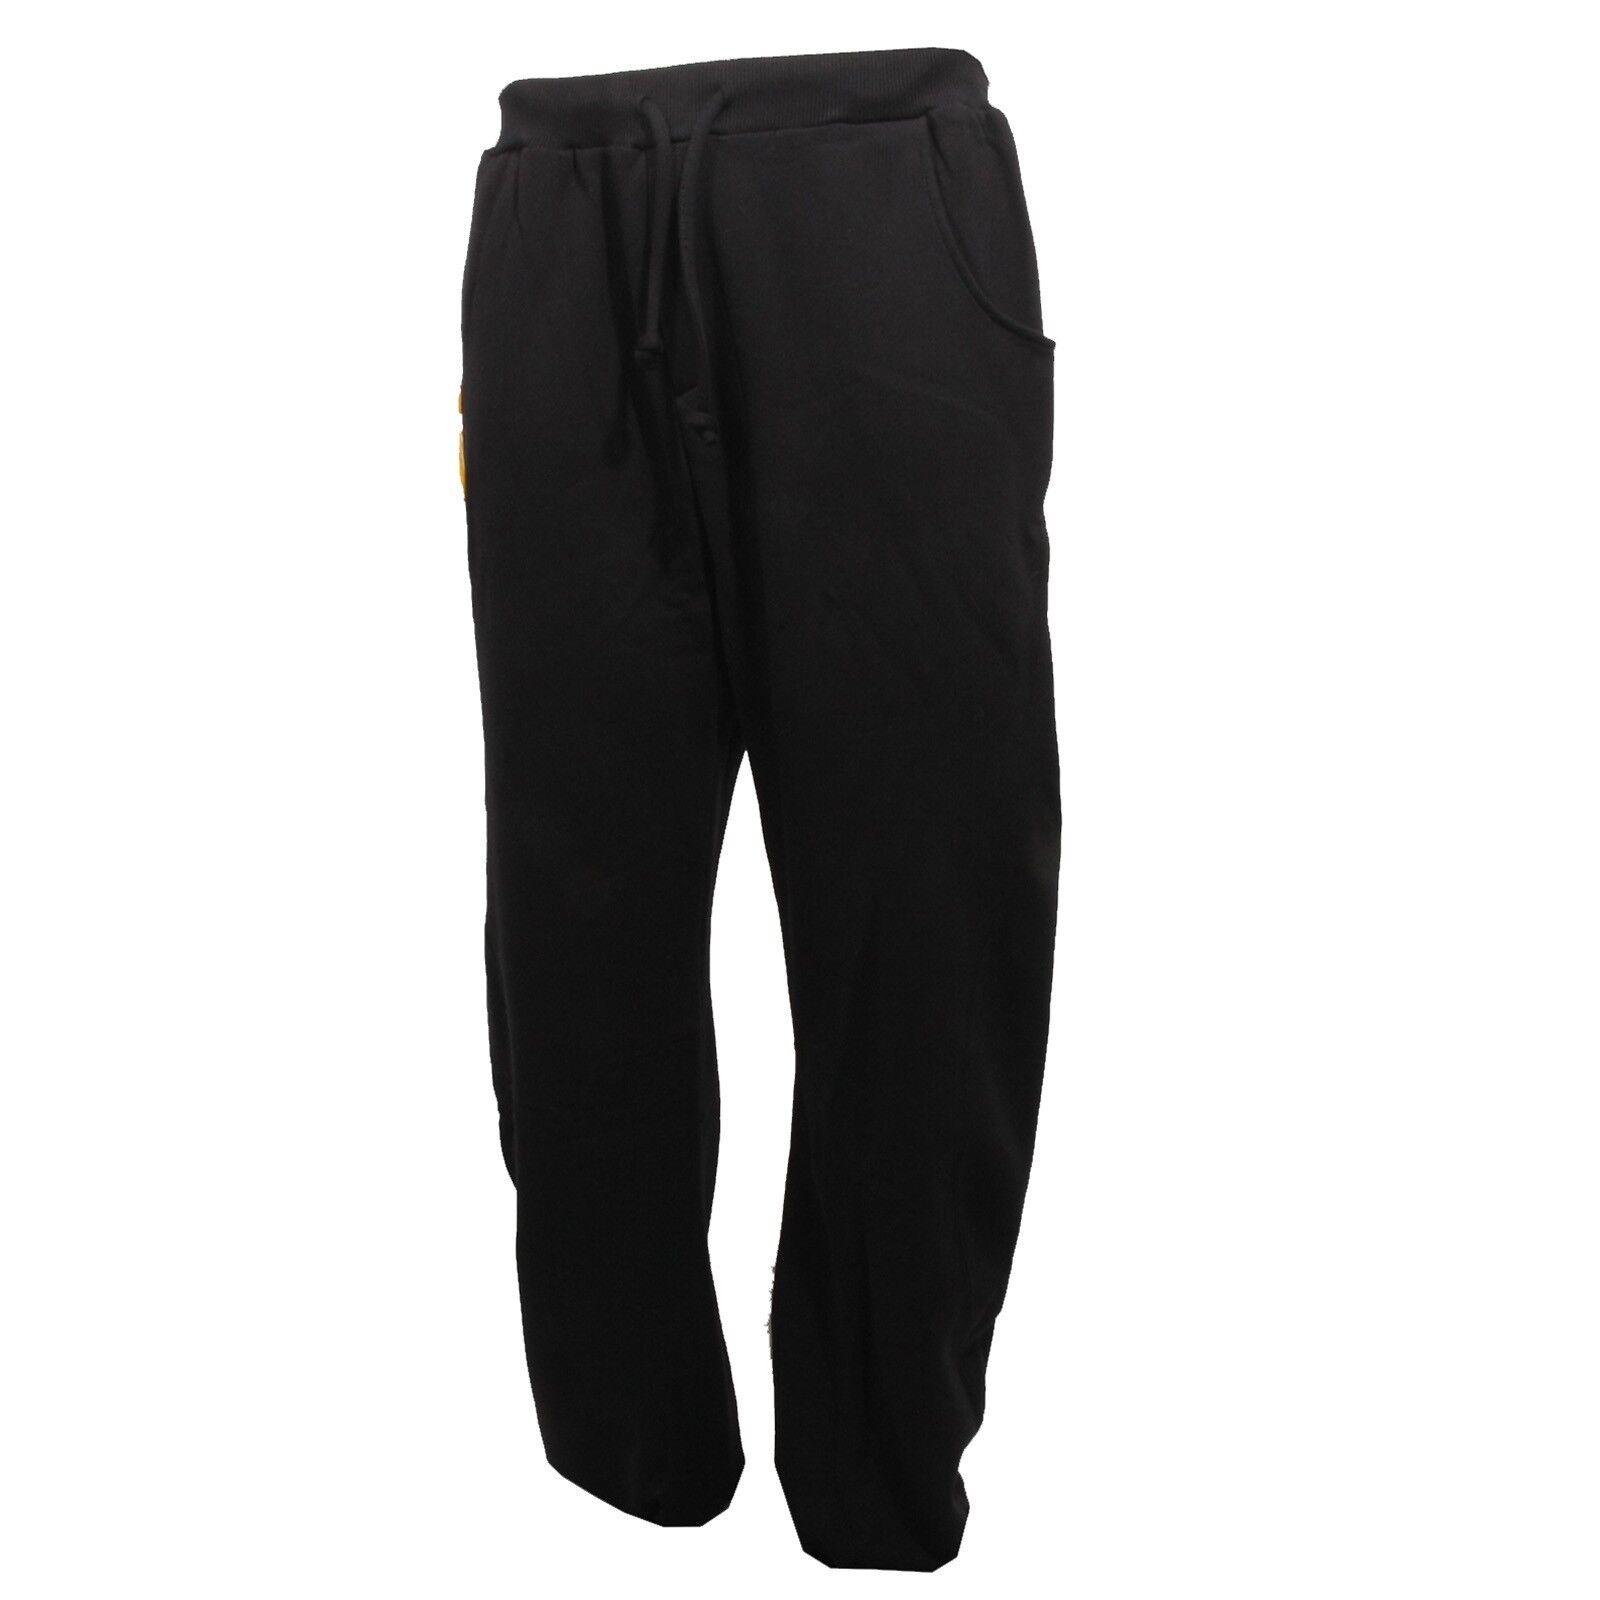 B0837 pantalone tuta schwarz schuhe. trousers men gym